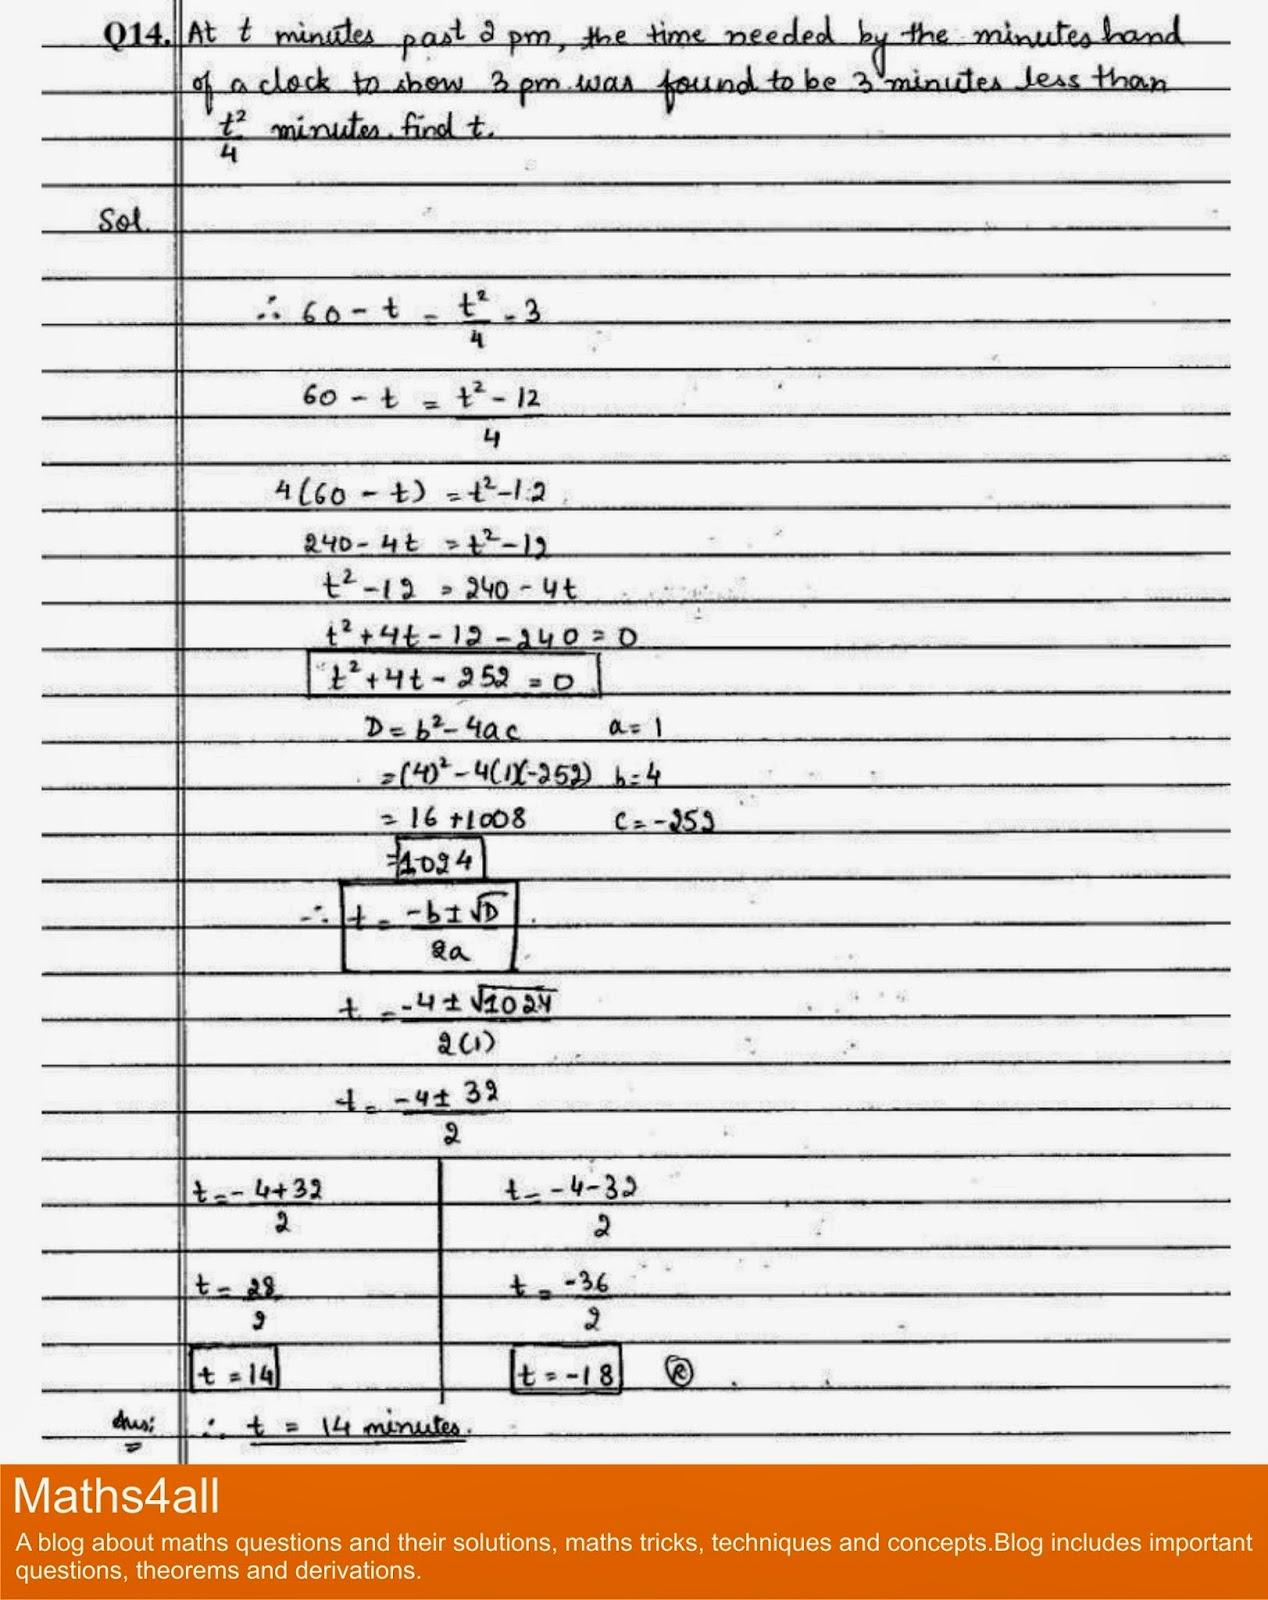 Maths4all: Exemplar